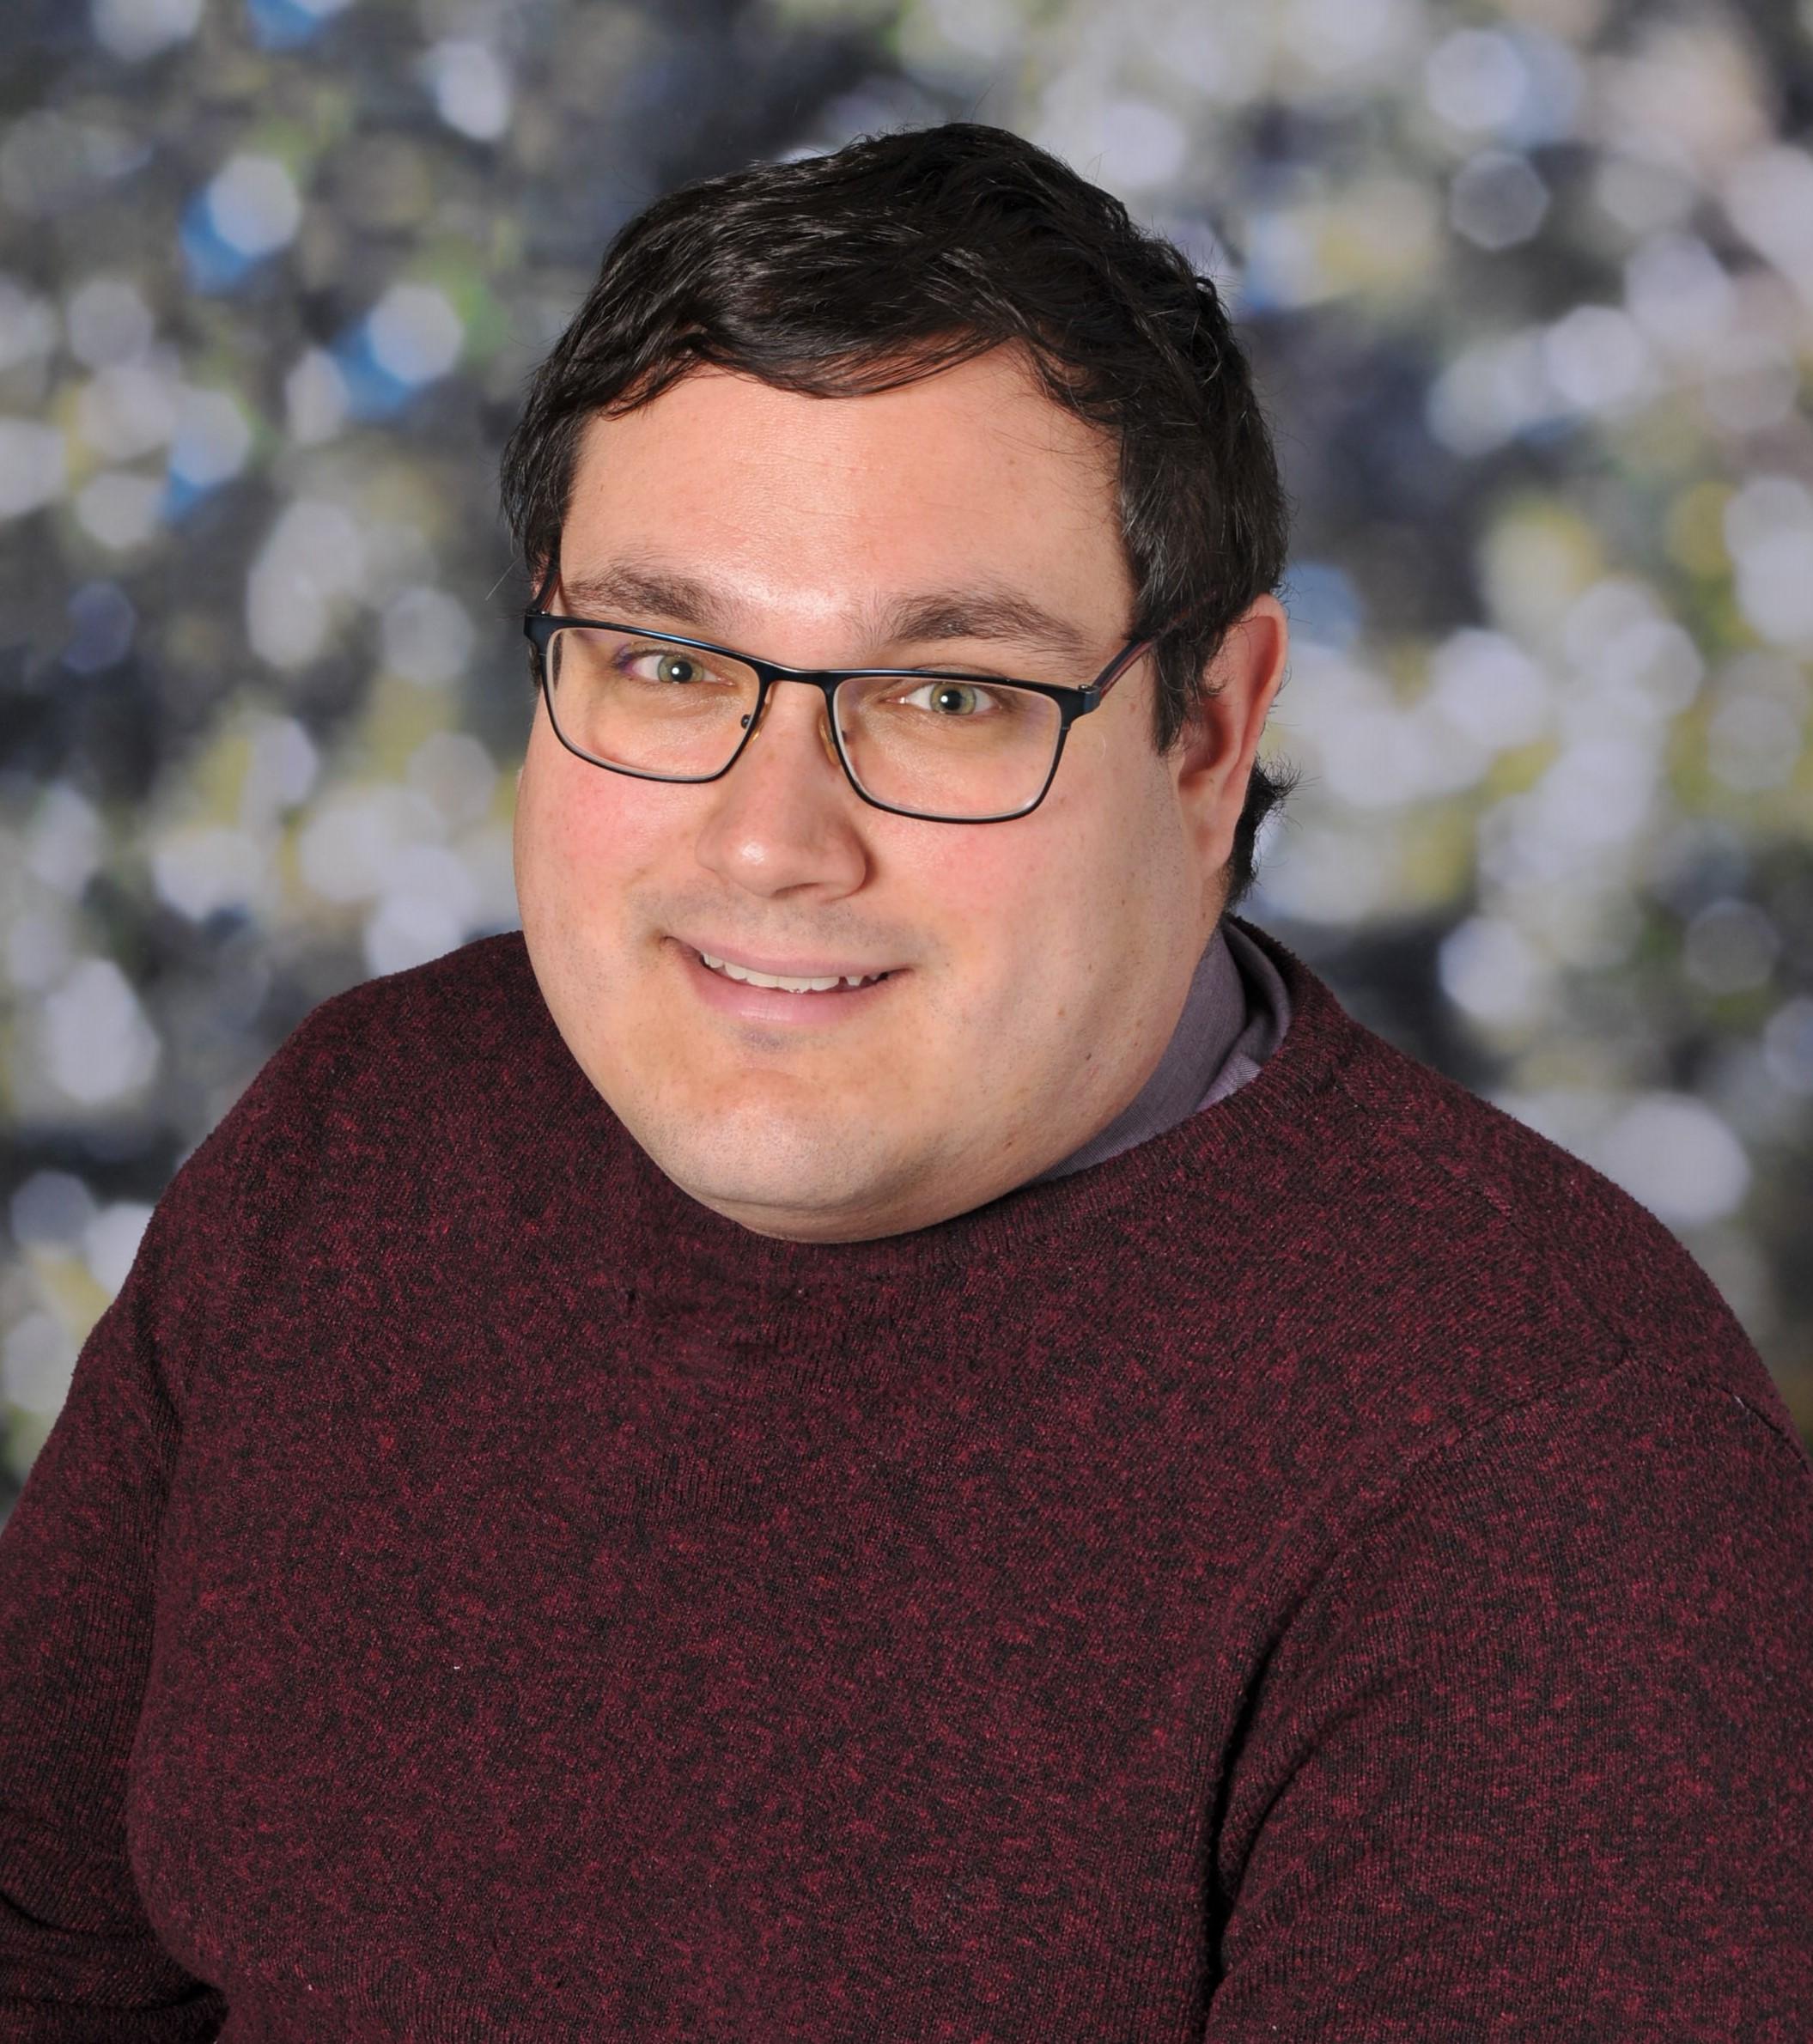 Mr Joy - Year 3 Teacher